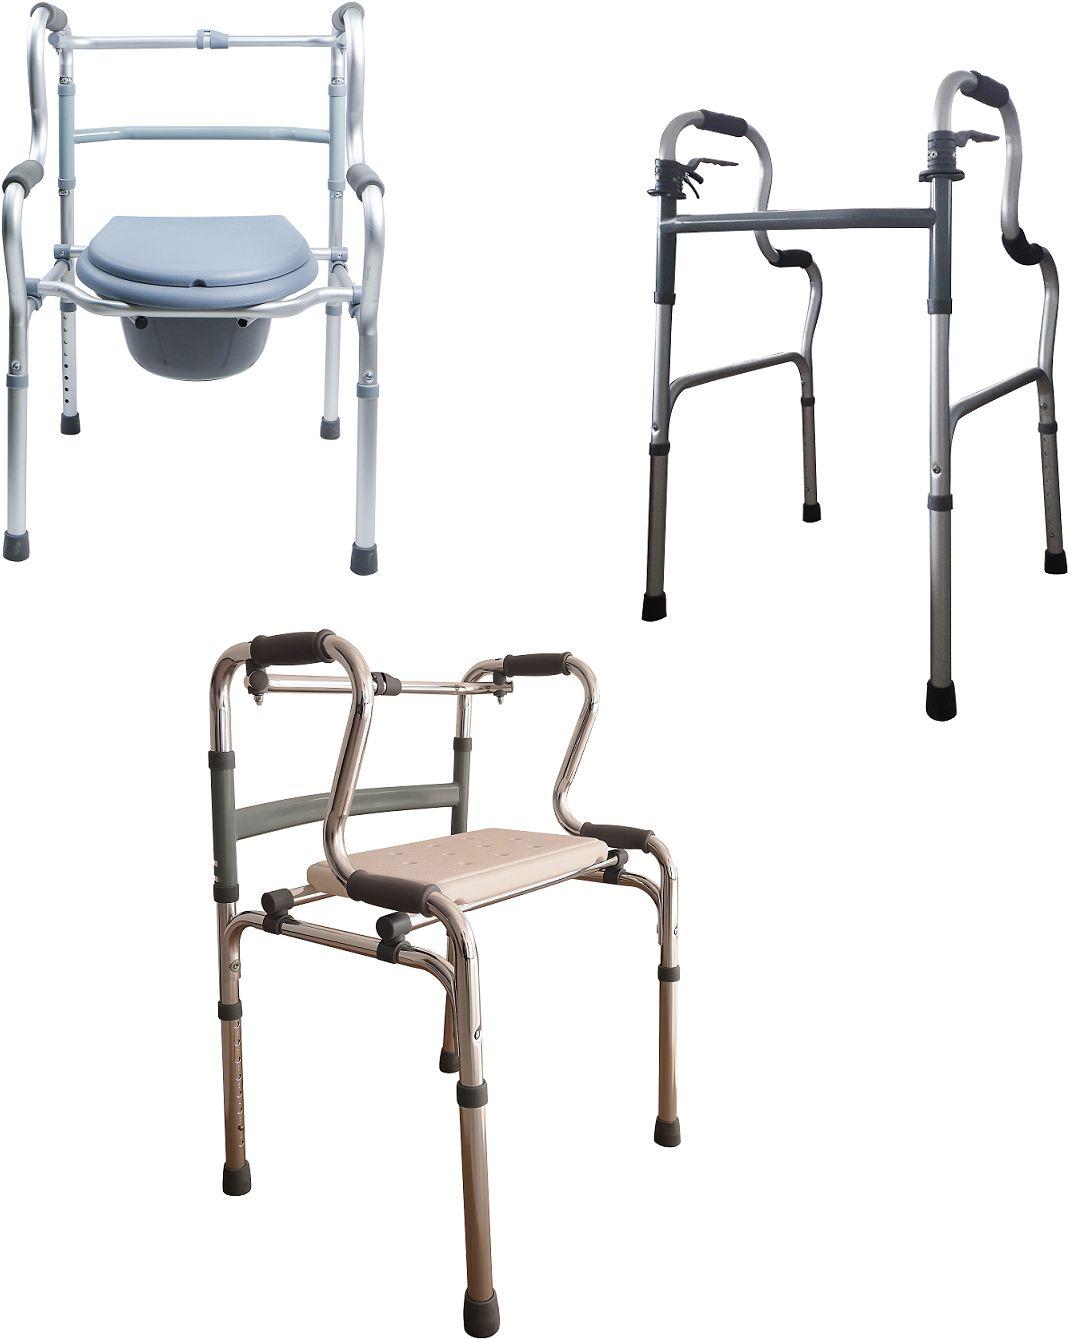 Wielozadaniowe krzesło LUCA z funkcją toalety, balkonika i ławeczki + kółka - bezpieczne i wygodne wsparcie dla osób starszych i po urazie (RF-803)